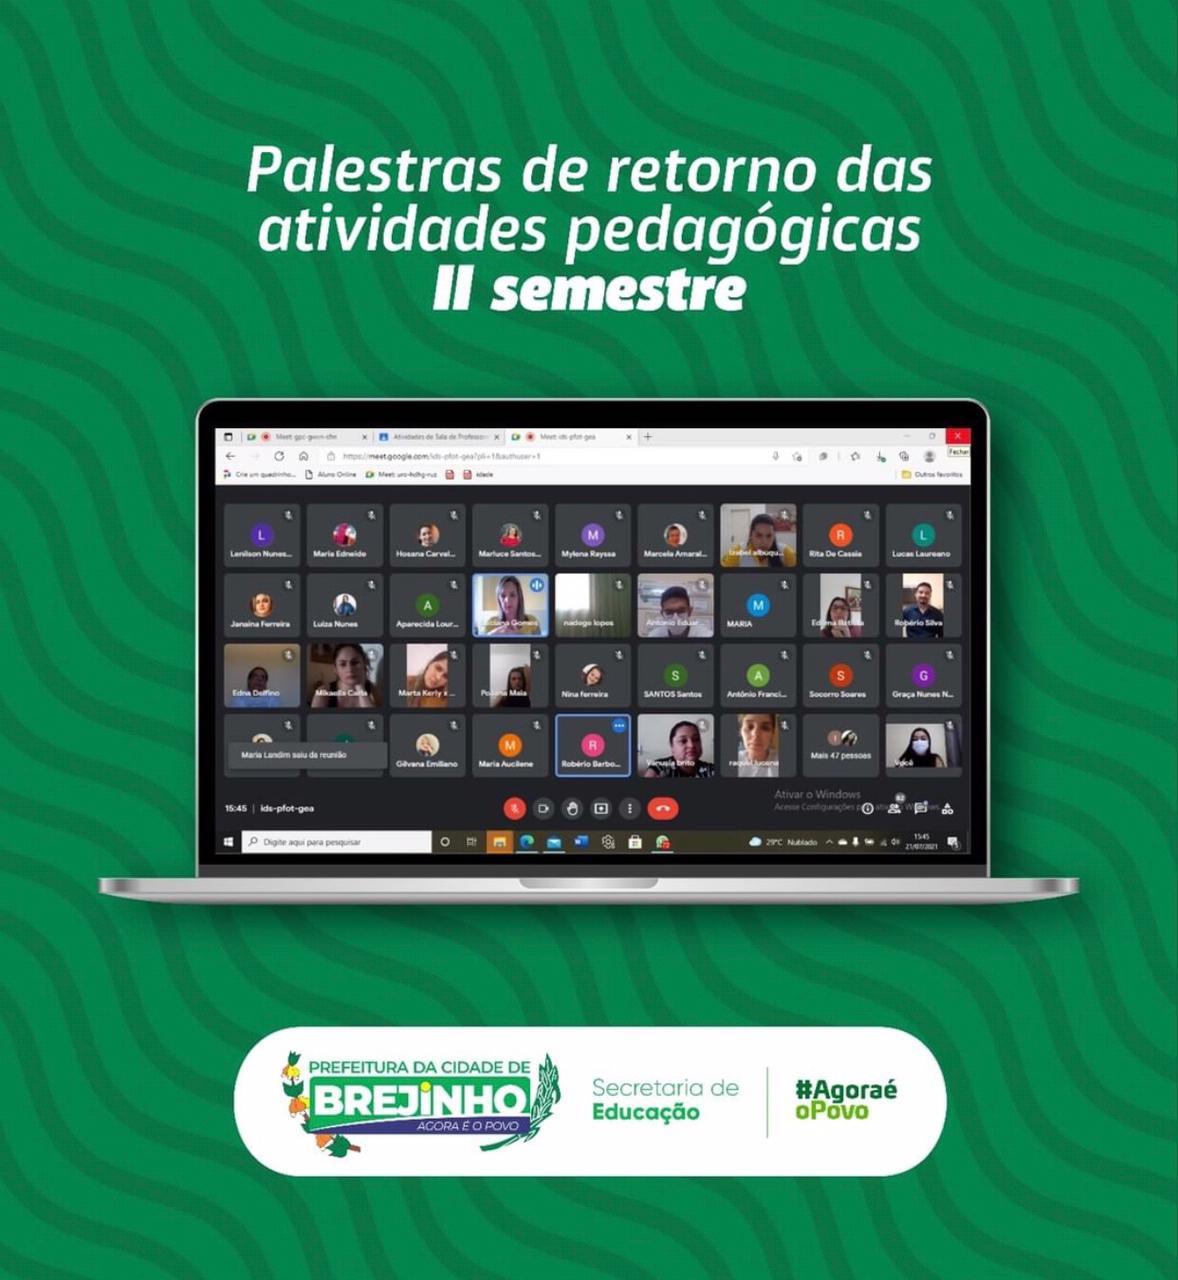 Prefeitura de Brejinho realizou encontro virtual para marcar volta as aulas remotas